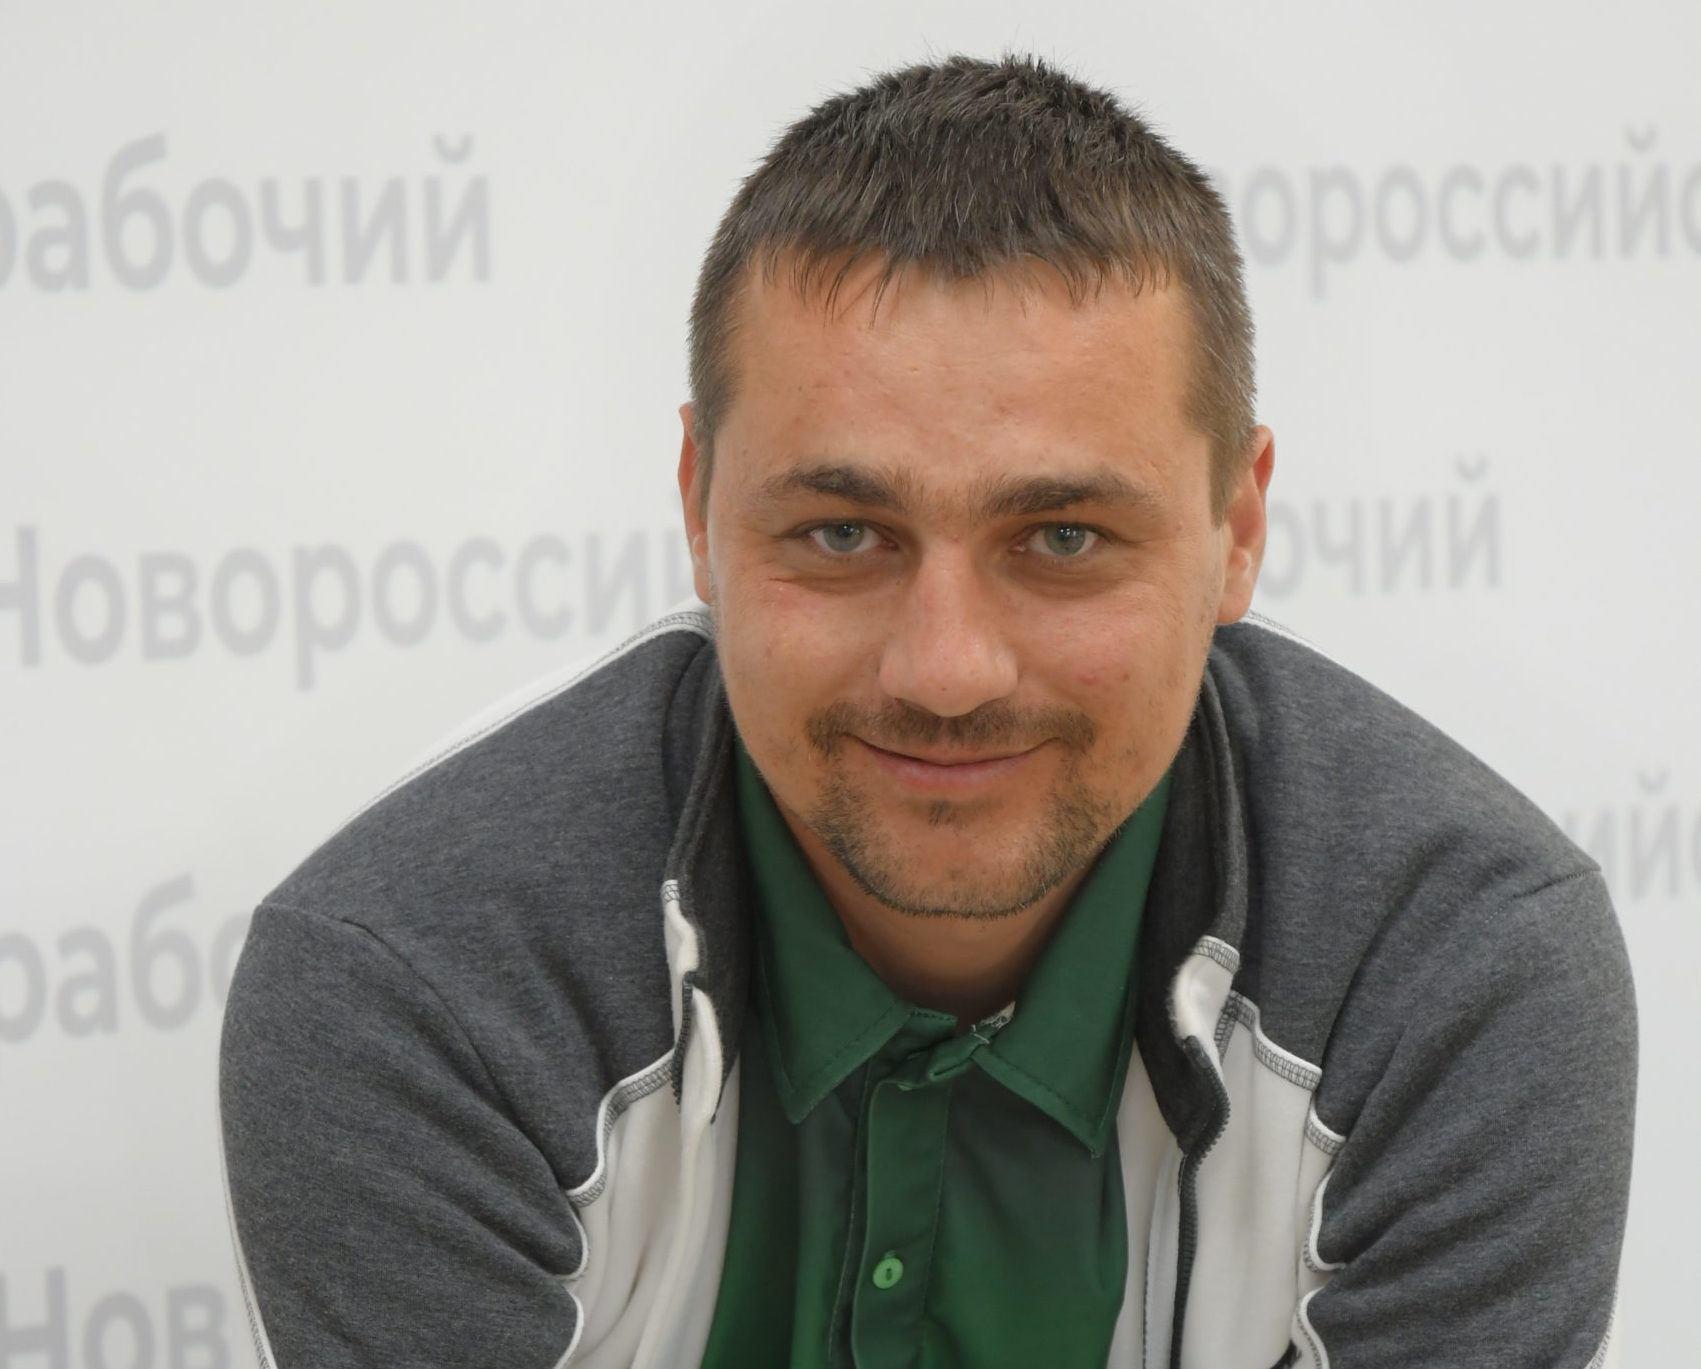 Новороссиец нашел подход к чиновникам: половину всех его идей воплотили в жизнь